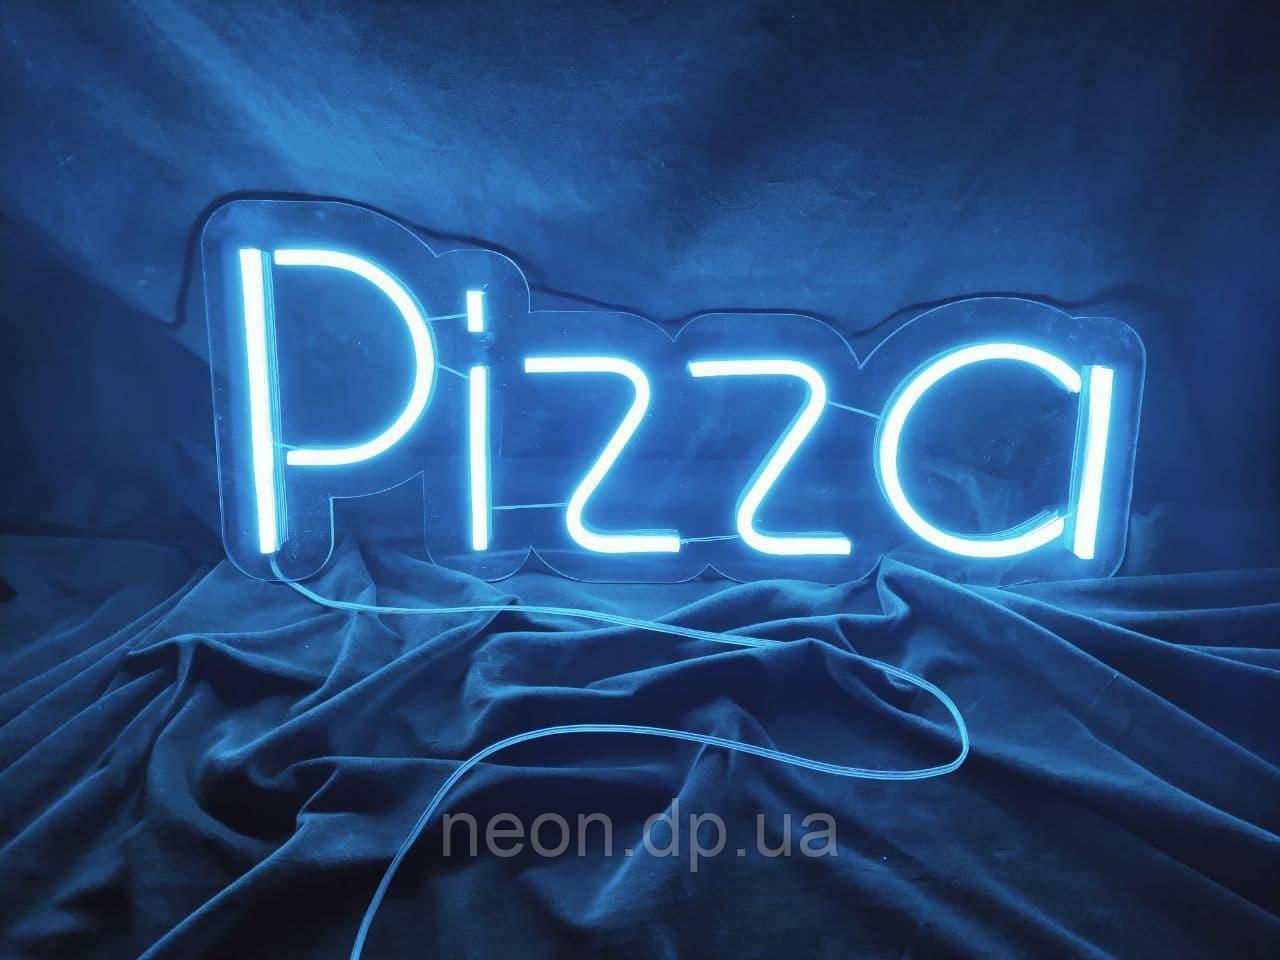 """Неоновая вывеска """"Pizza"""""""